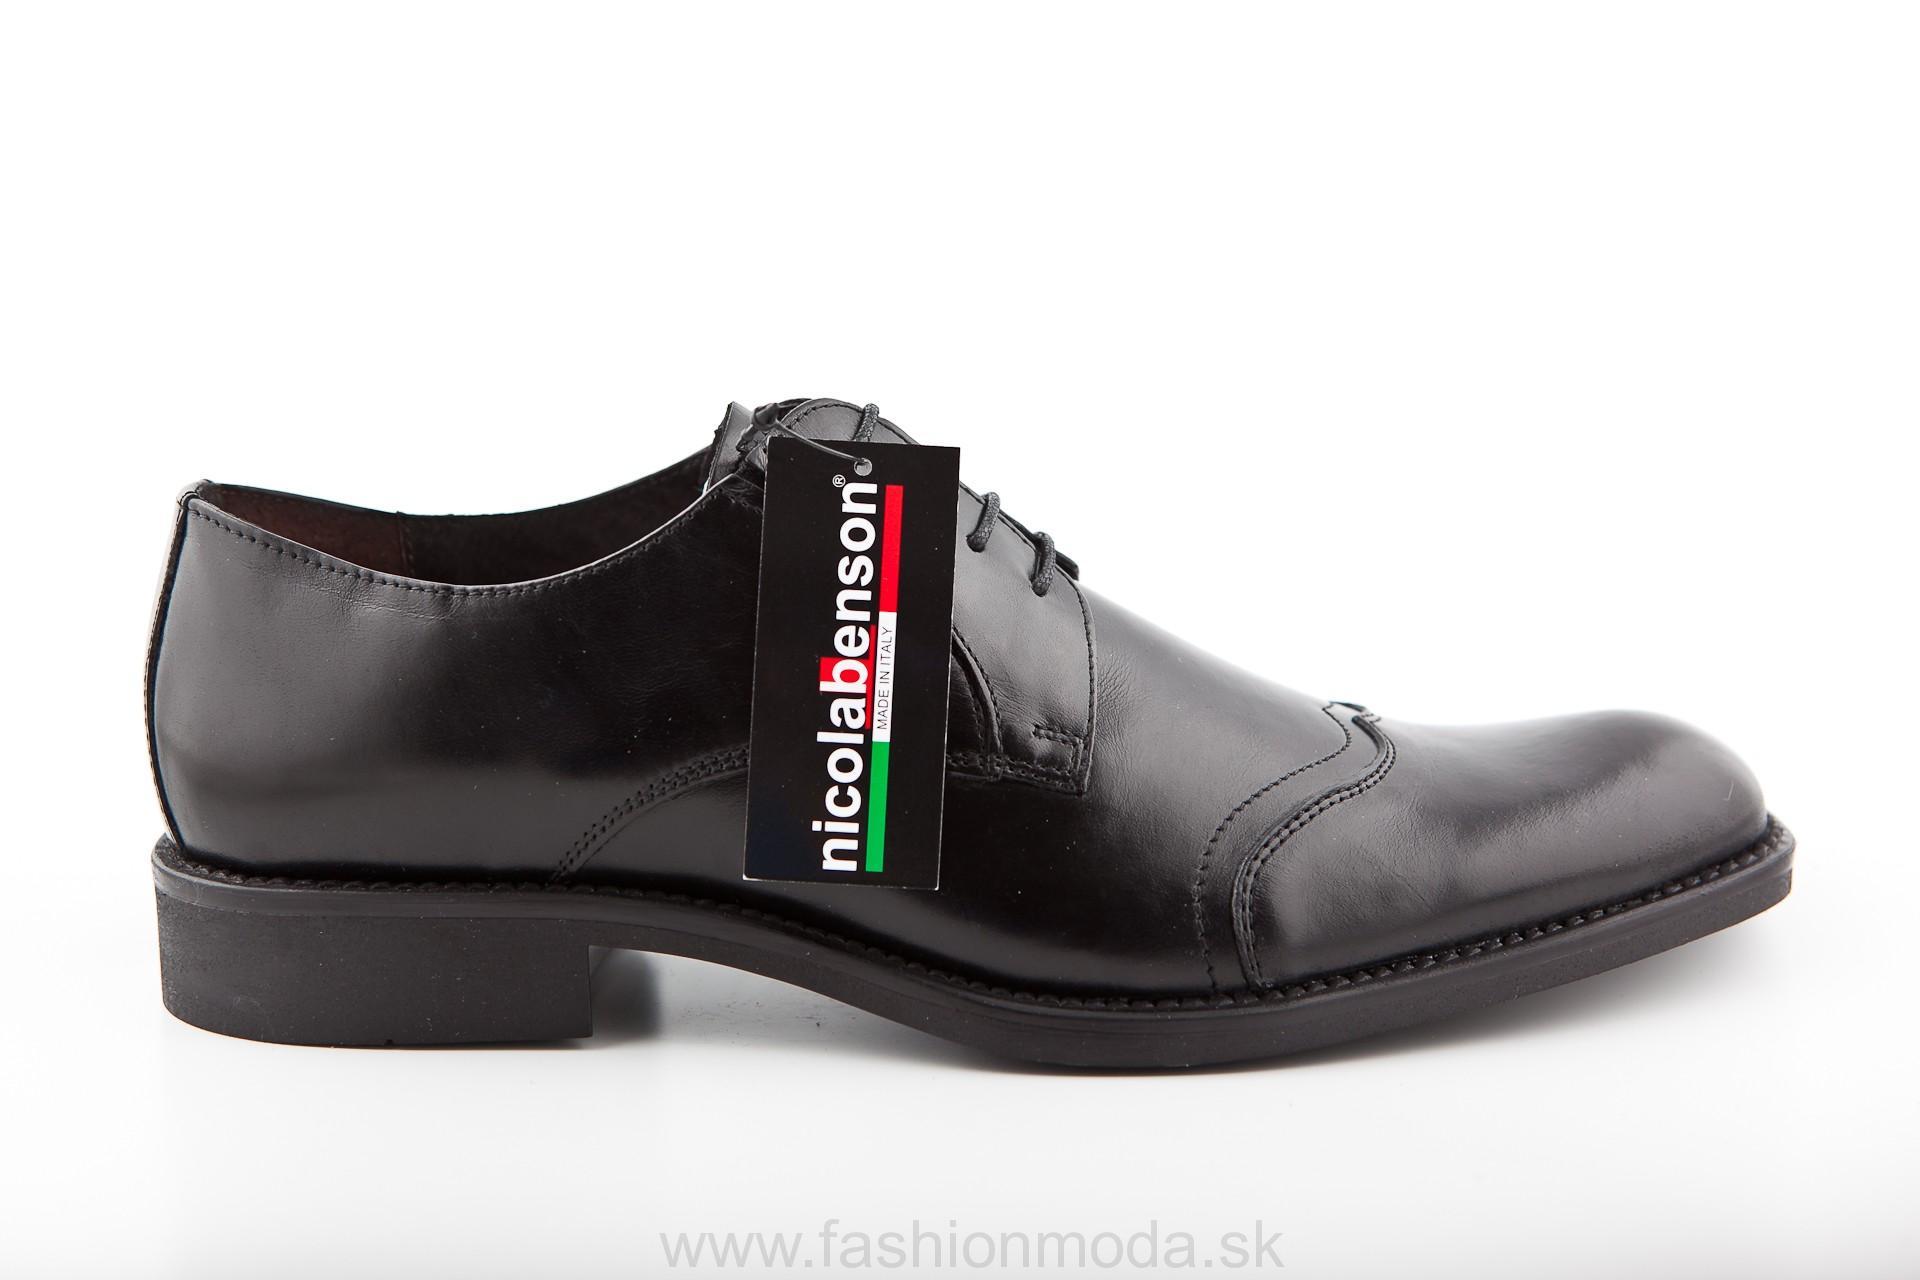 3bfafeb6576f0 PÁNSKA OBUV | Pánska kožená spoločenská obuv 283 čierna NICOLA ...